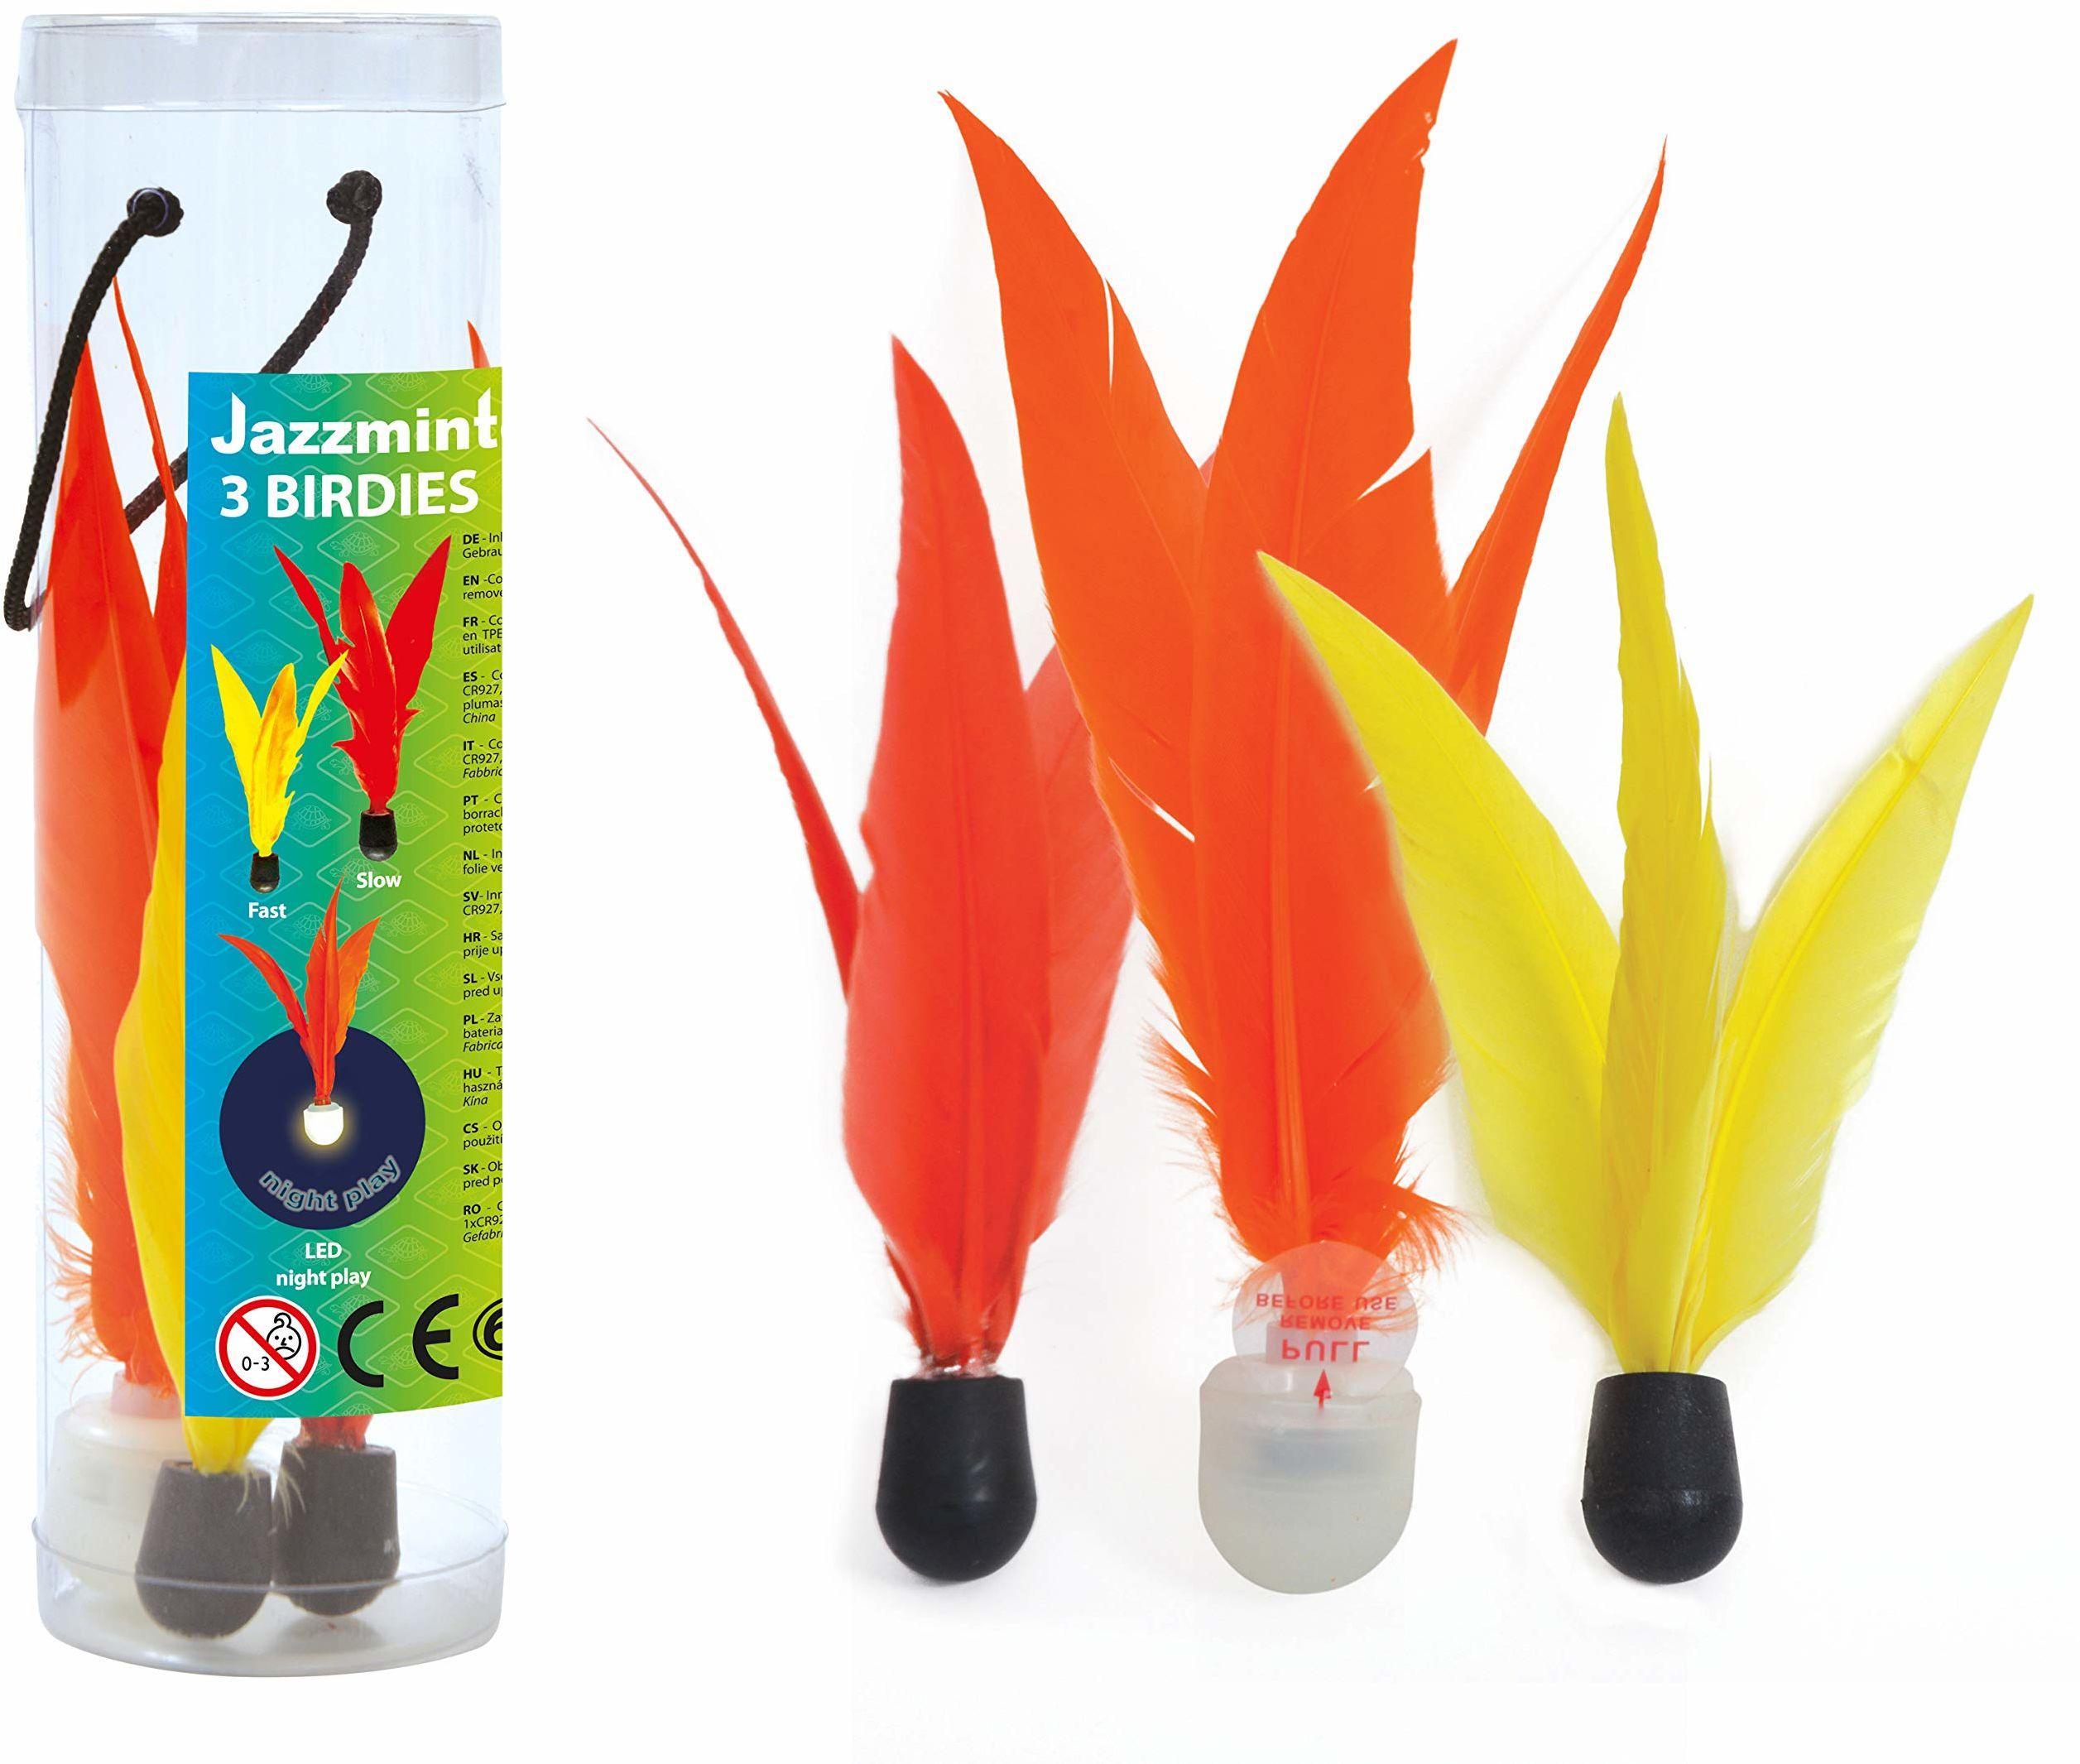 Schildkröt Funsports 3 zapasowe piłeczki wraz z piłką LED, 3 sztuki w opakowaniu, jaazzminton Birdies, wielokolorowe,